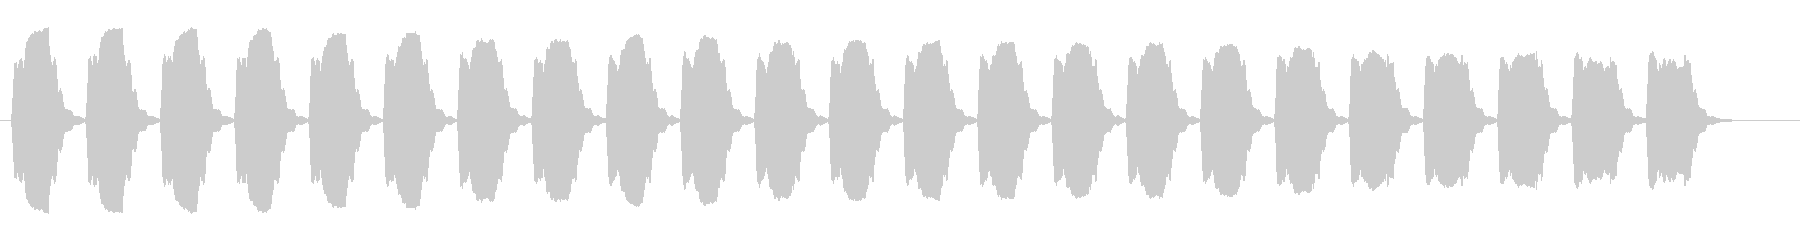 車のアラーム-ホーンホーンの未再生の波形